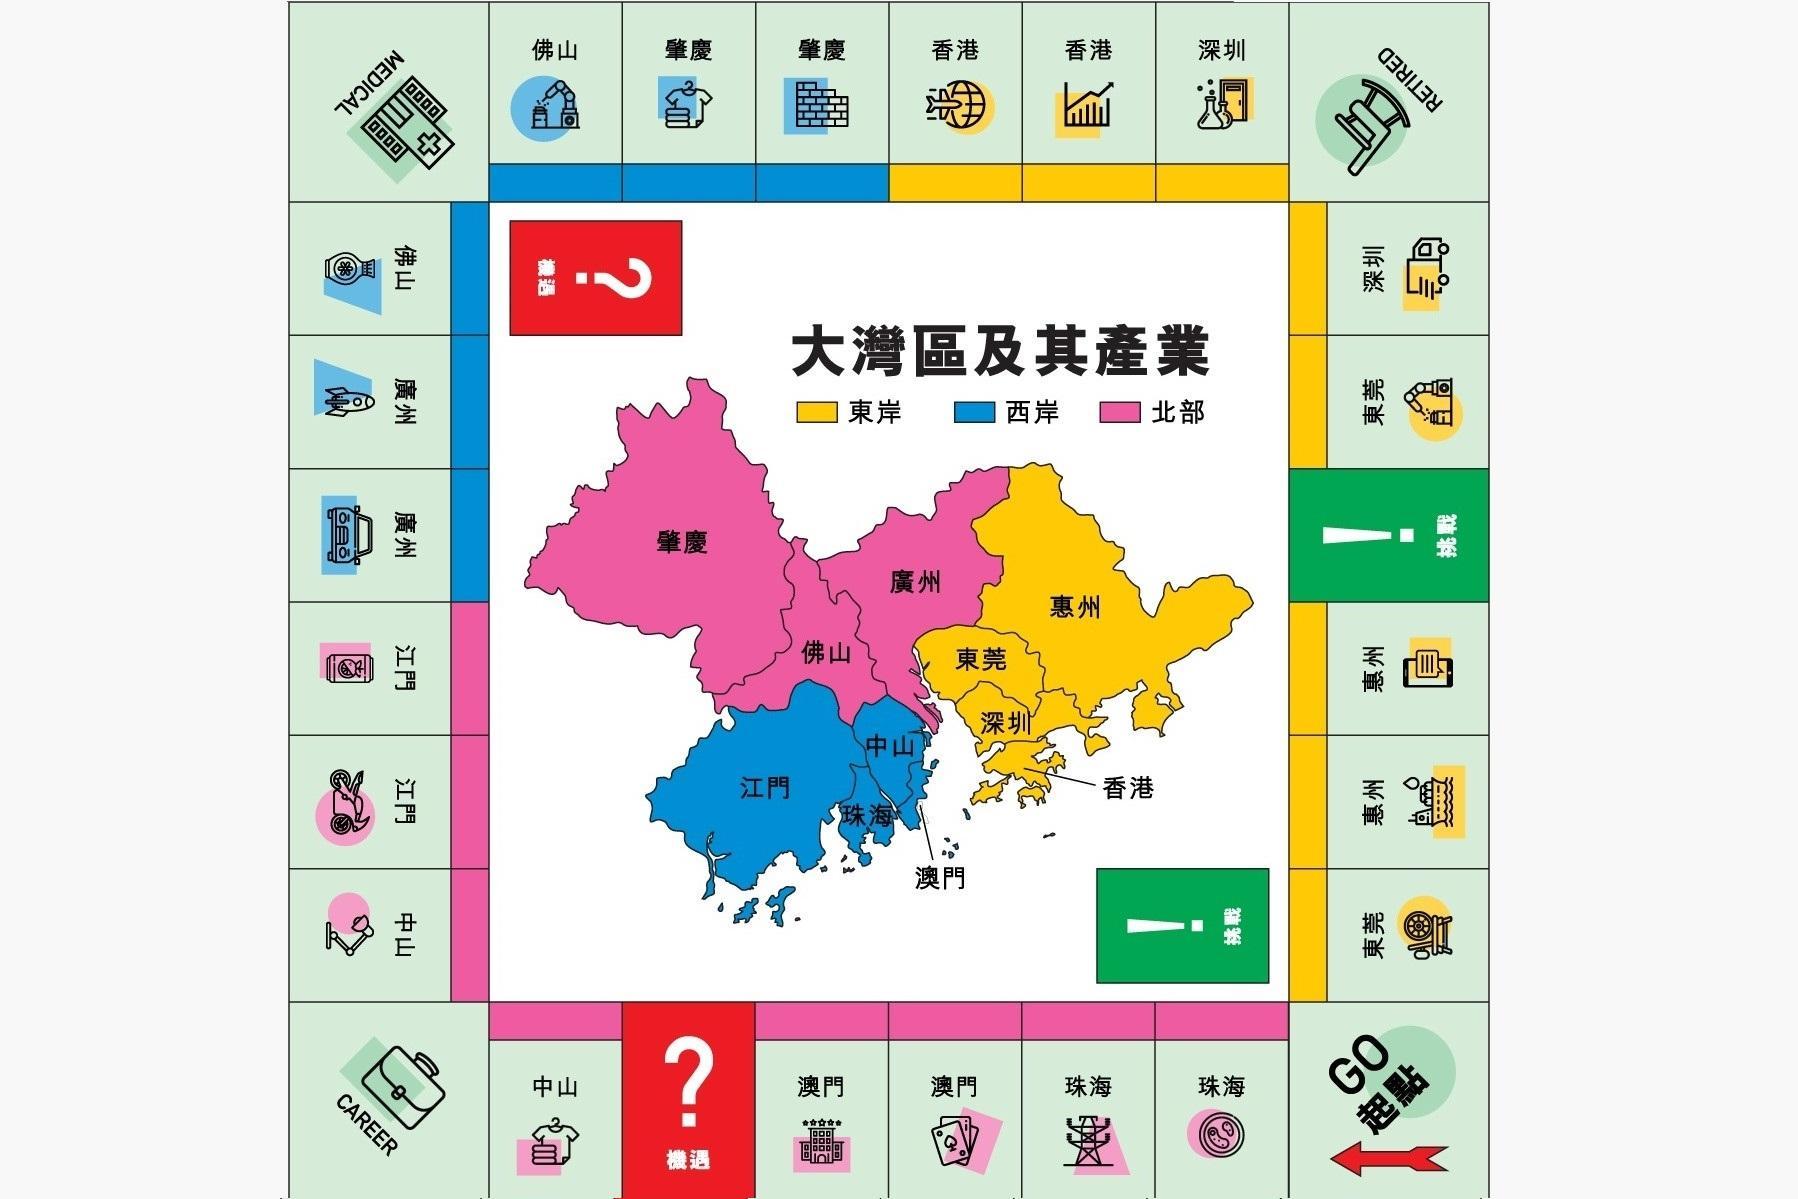 ls_diagram_tujieguoqing_v3-04_c